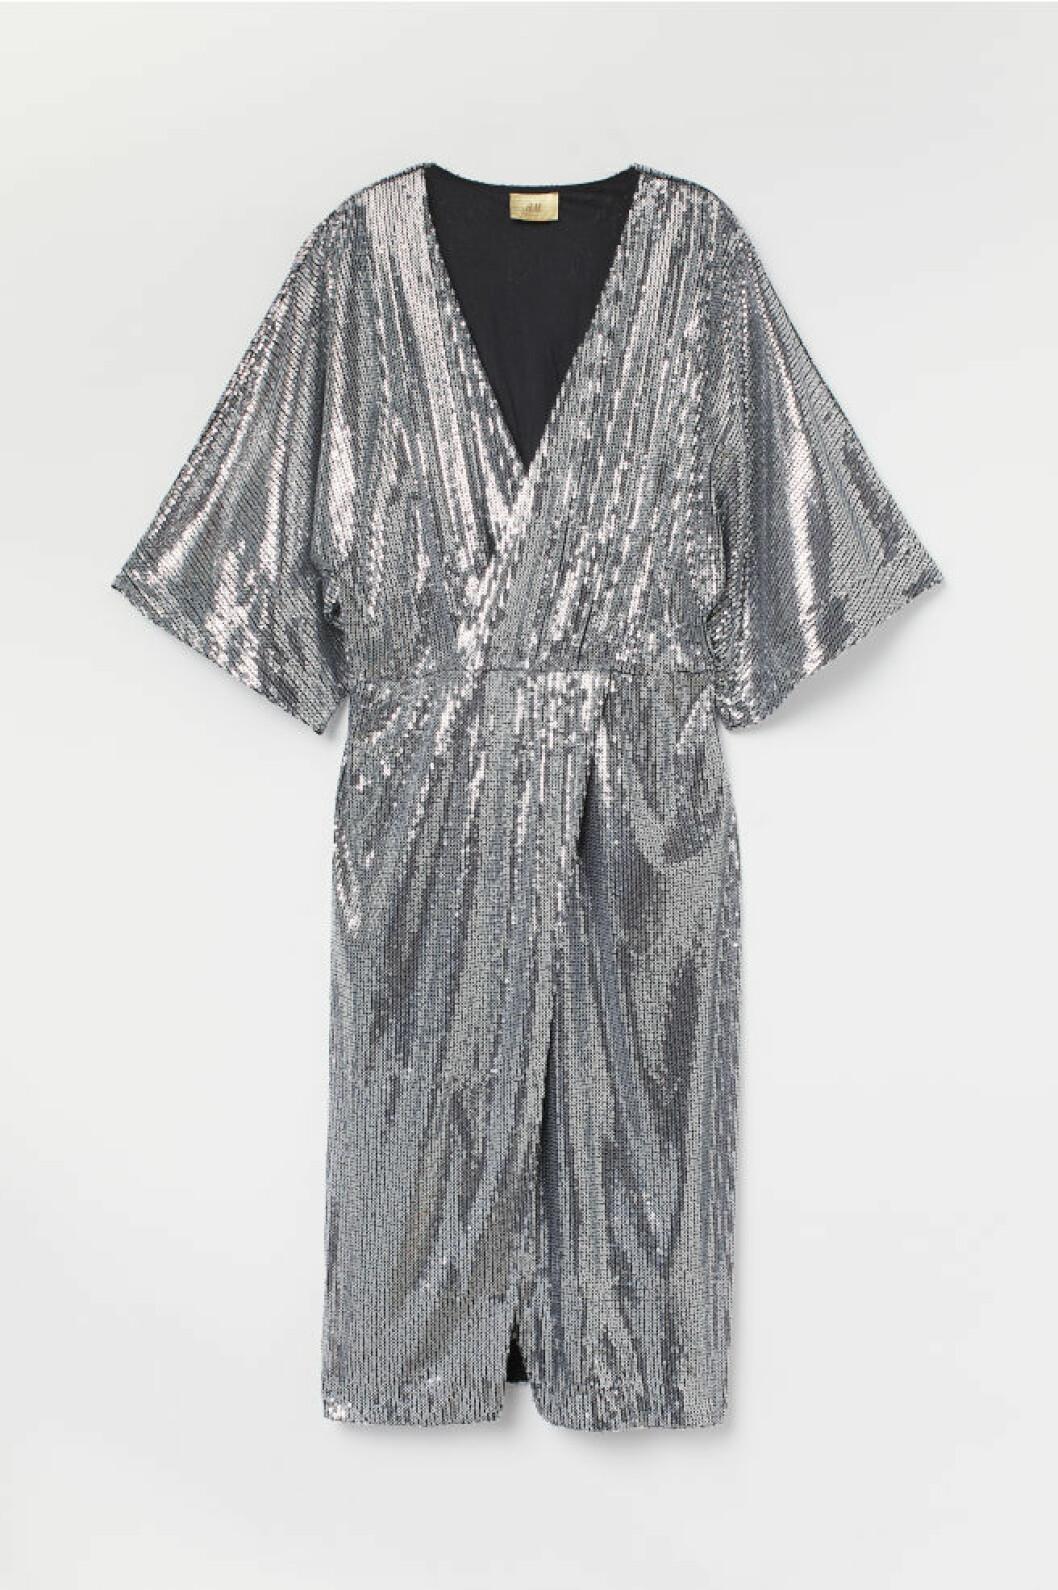 v-ringad paljettklänning från H&M